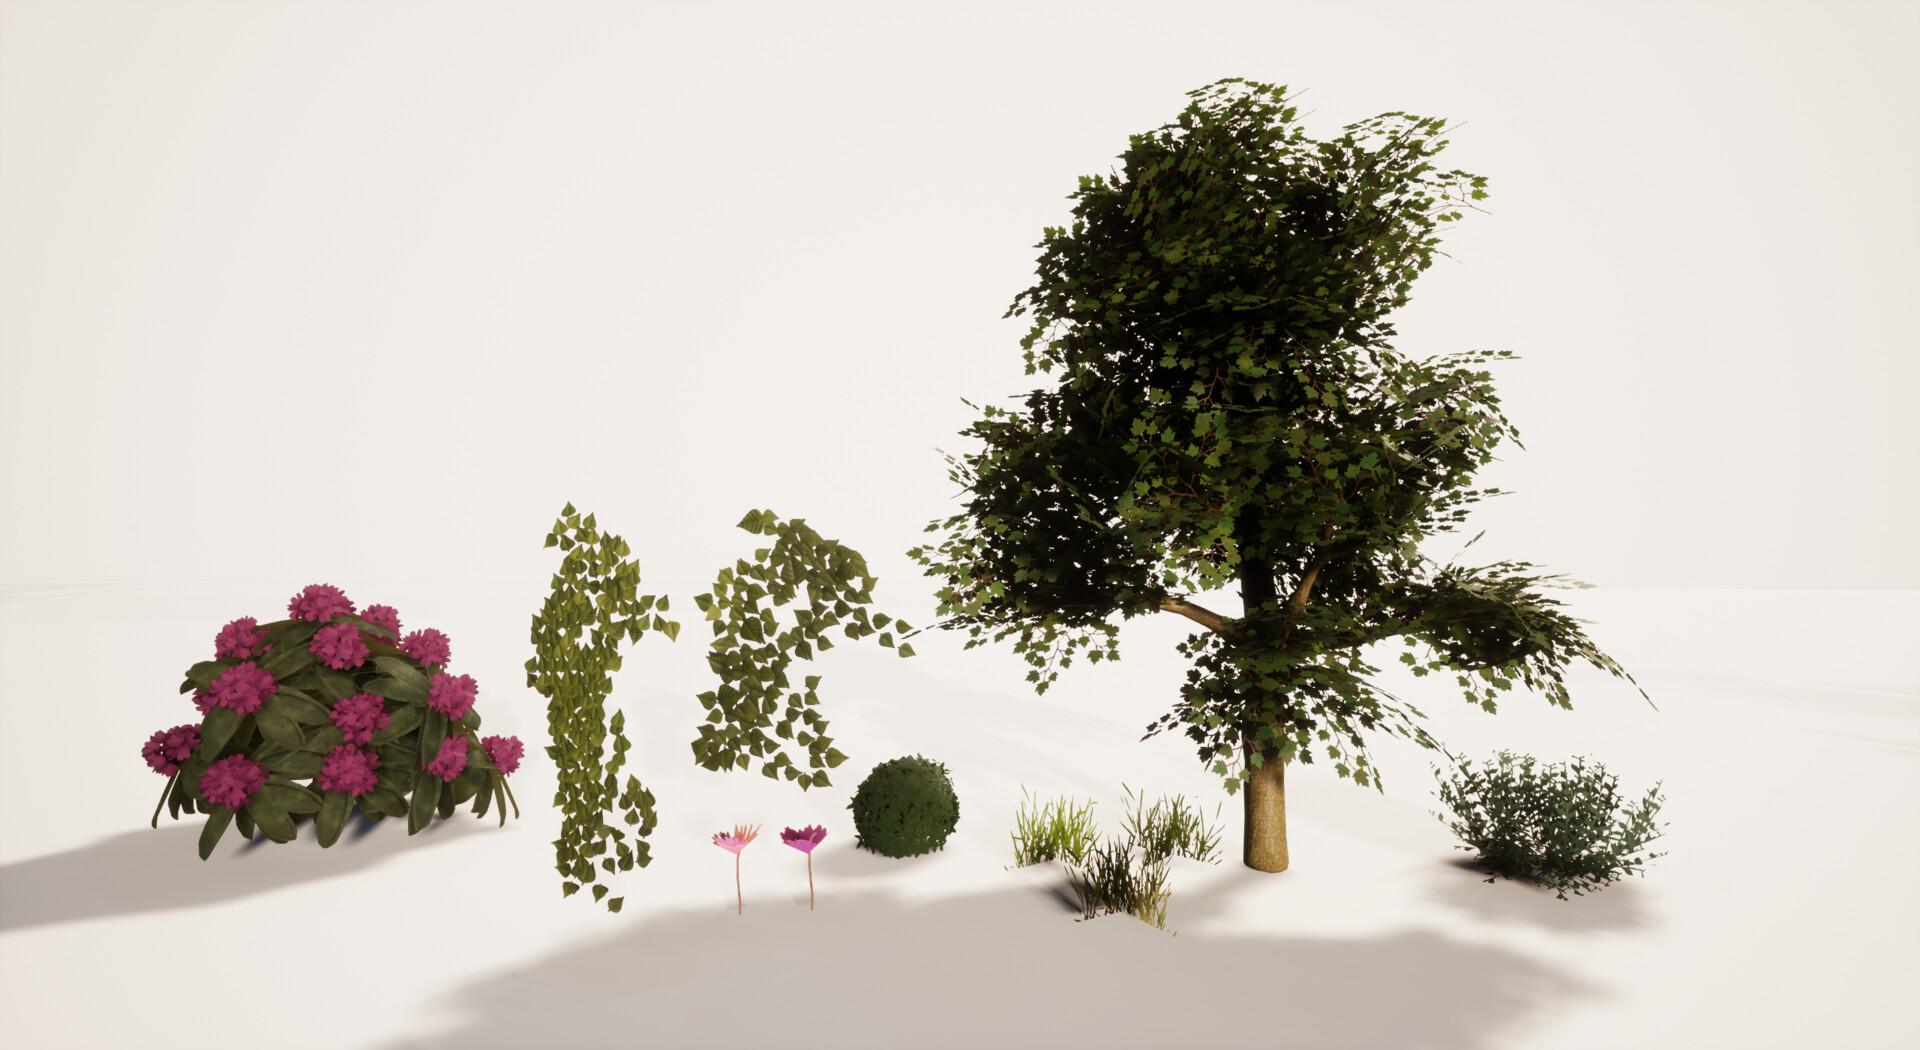 Breakdown #Vegetation